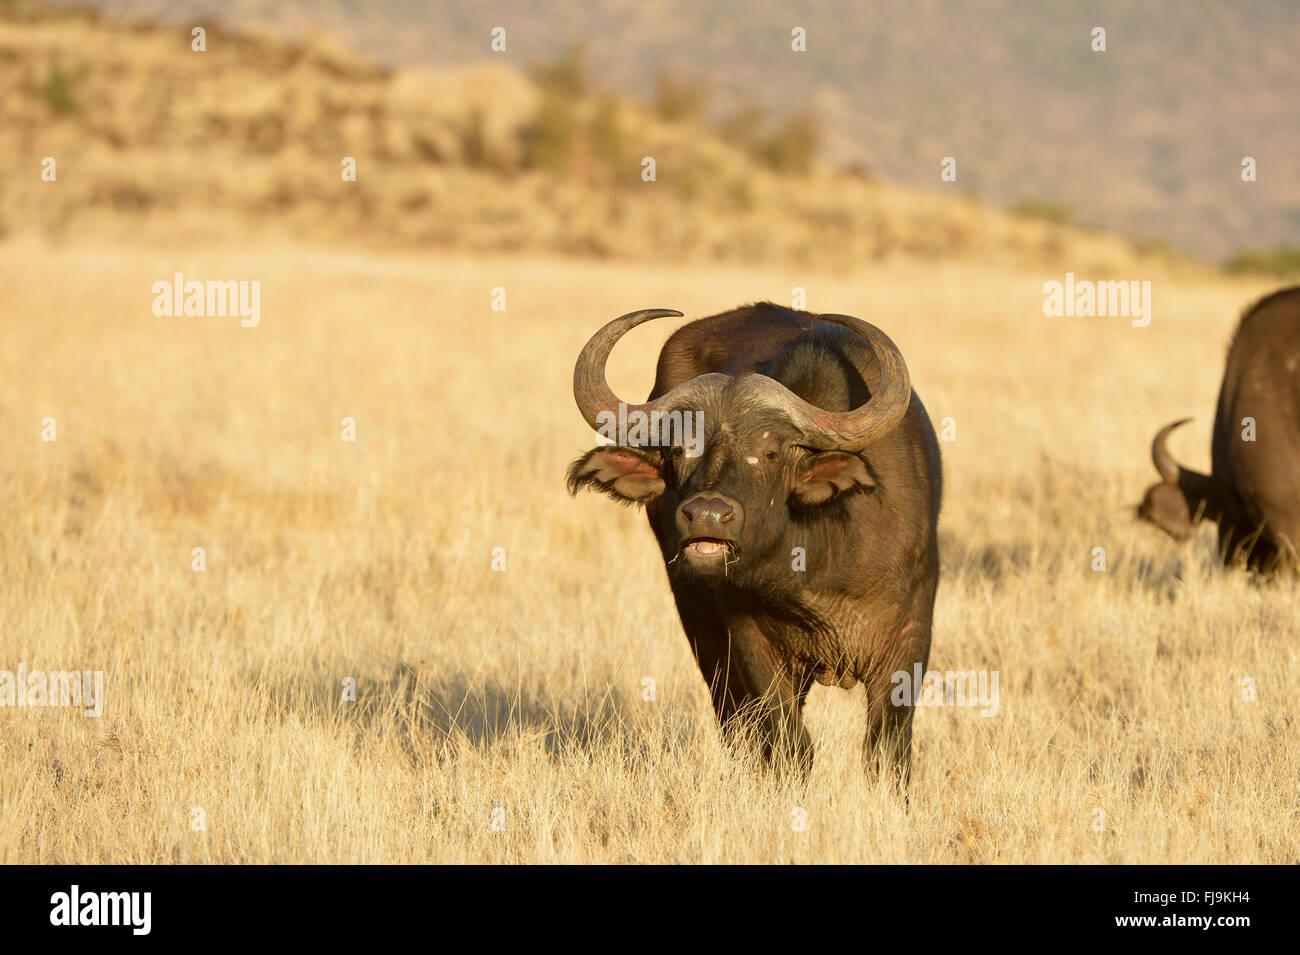 Afrikanischer Büffel (Syncerus Caffer) Erwachsenen Essen Trockenrasen, Lewa Wildlife Conservancy, Kenia, Oktober Stockfoto